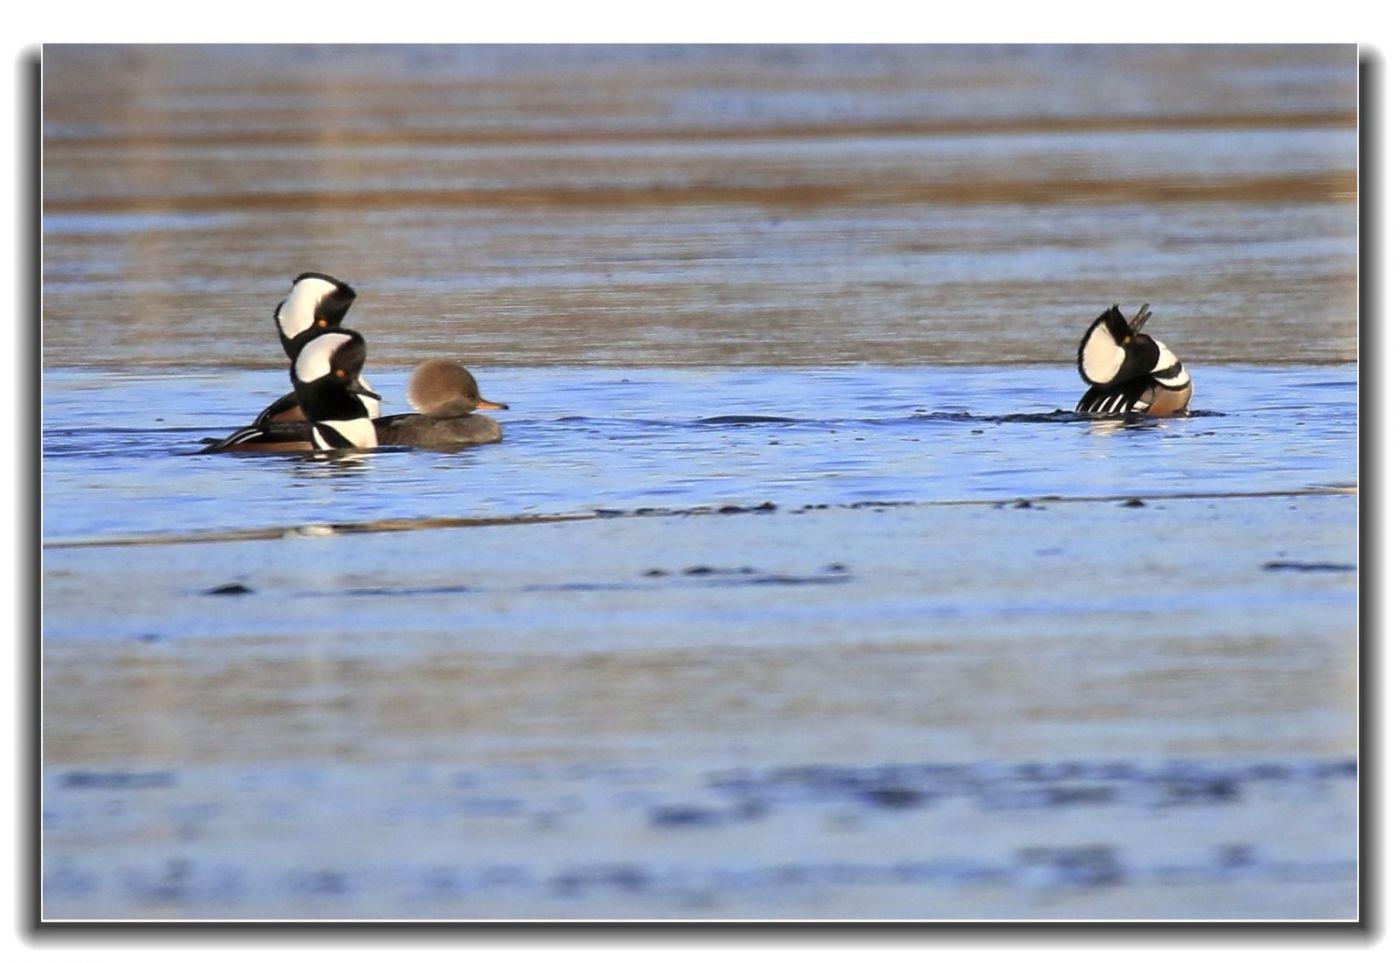 牙买加野生动物保护区拍天鹅及水鸟_图1-5